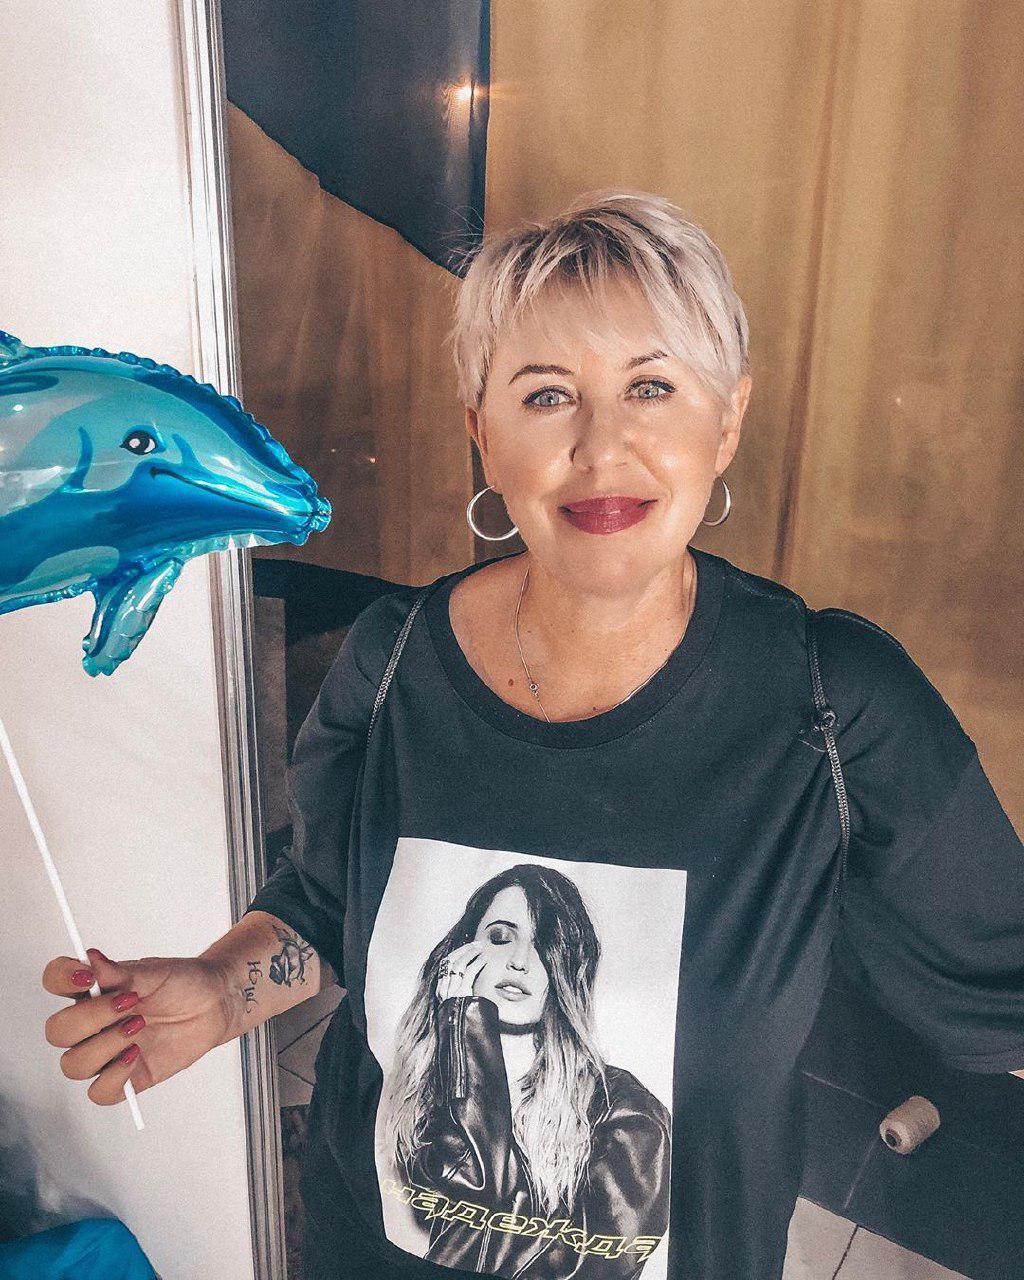 Надя Дорофеева показала руководителя своего фан-клуба